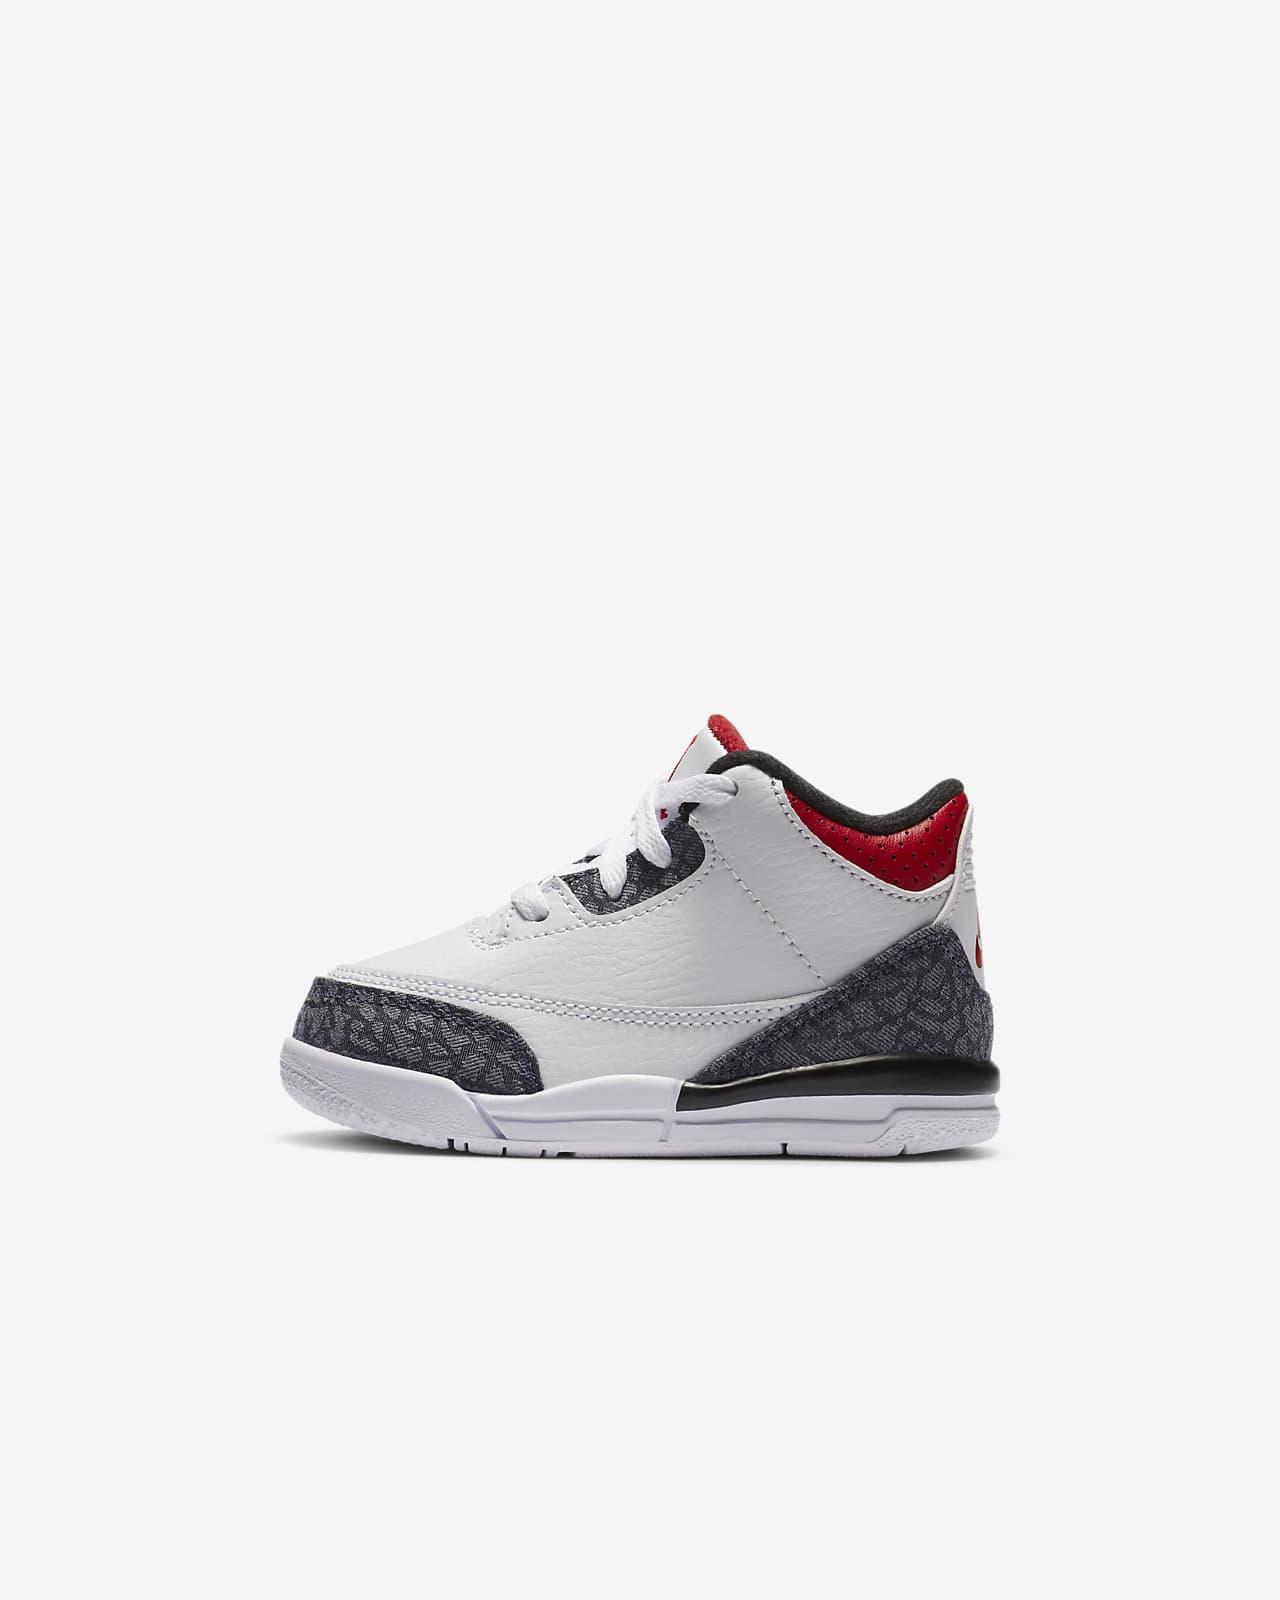 Jordan 3 Retro SE Baby and Toddler Shoe